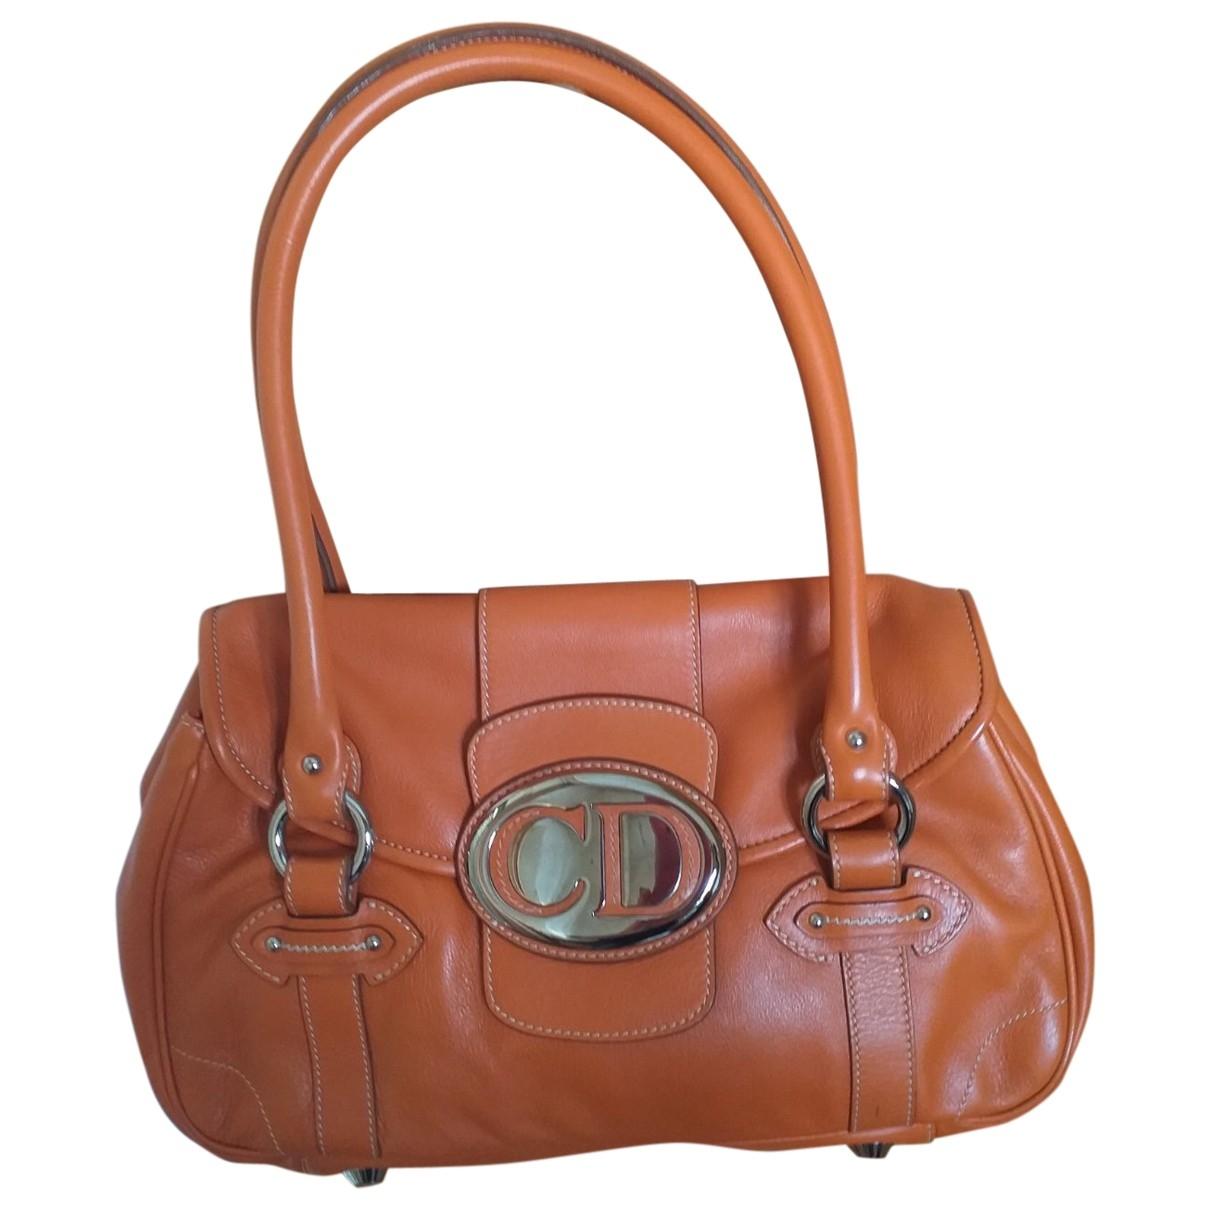 Dior - Sac a main   pour femme en cuir - camel